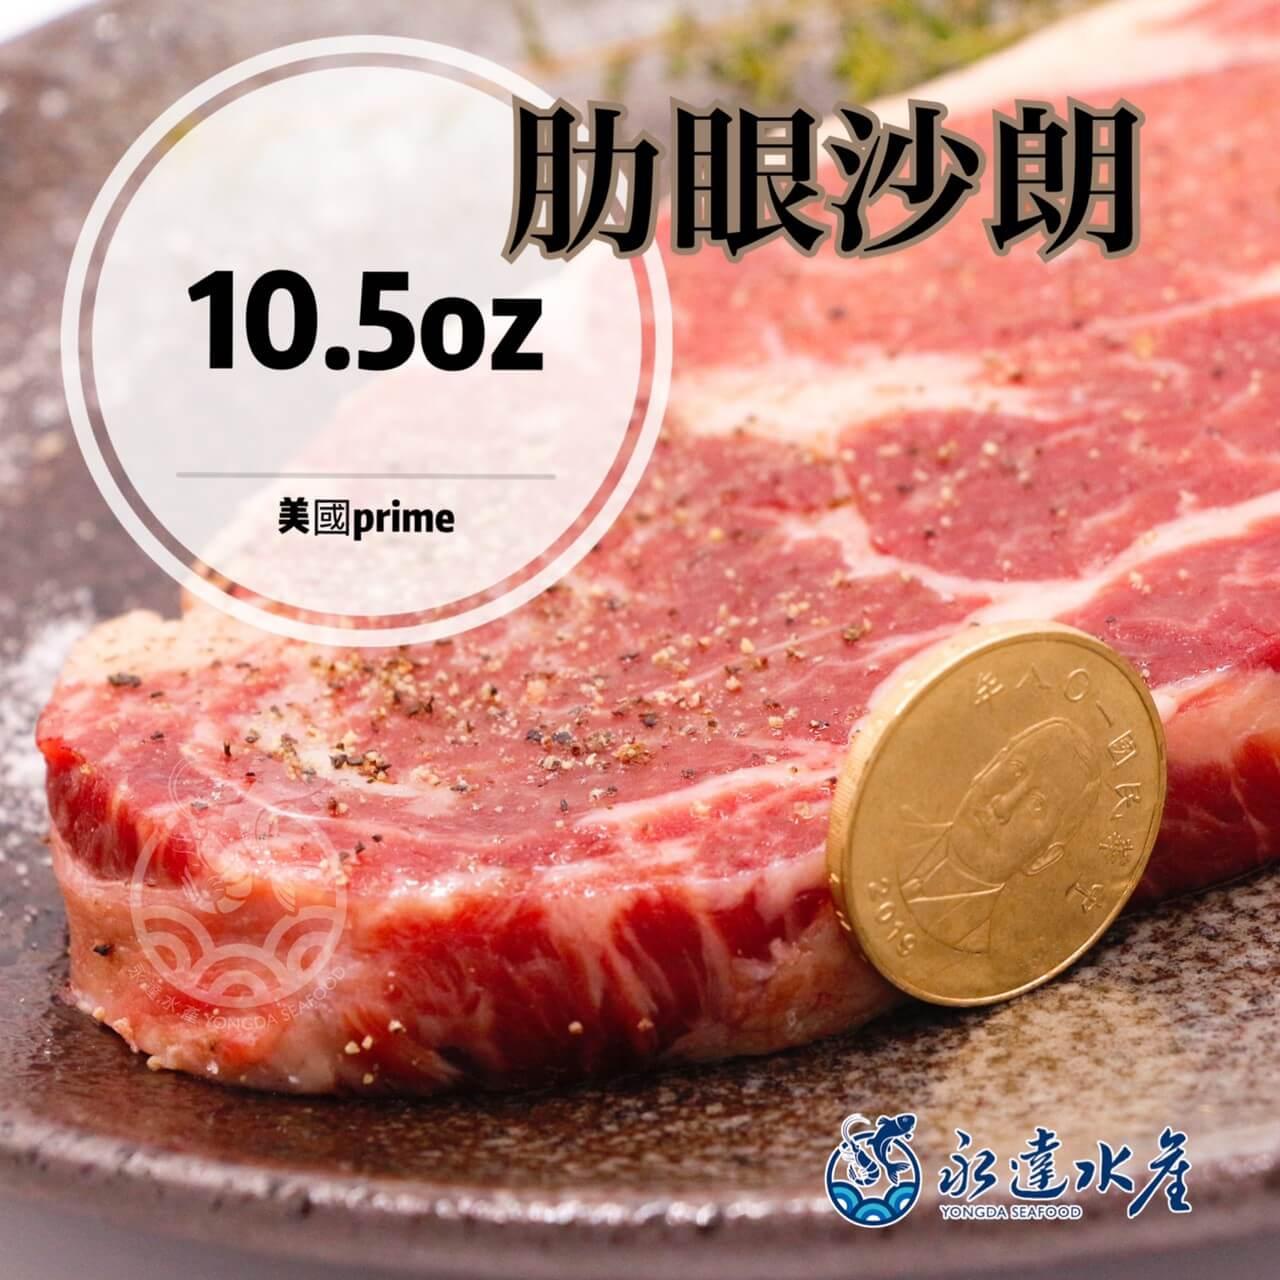 肉品|PRIME美國肋眼沙朗|肋眼沙朗|肋眼牛|沙朗牛|牛排|牛肉